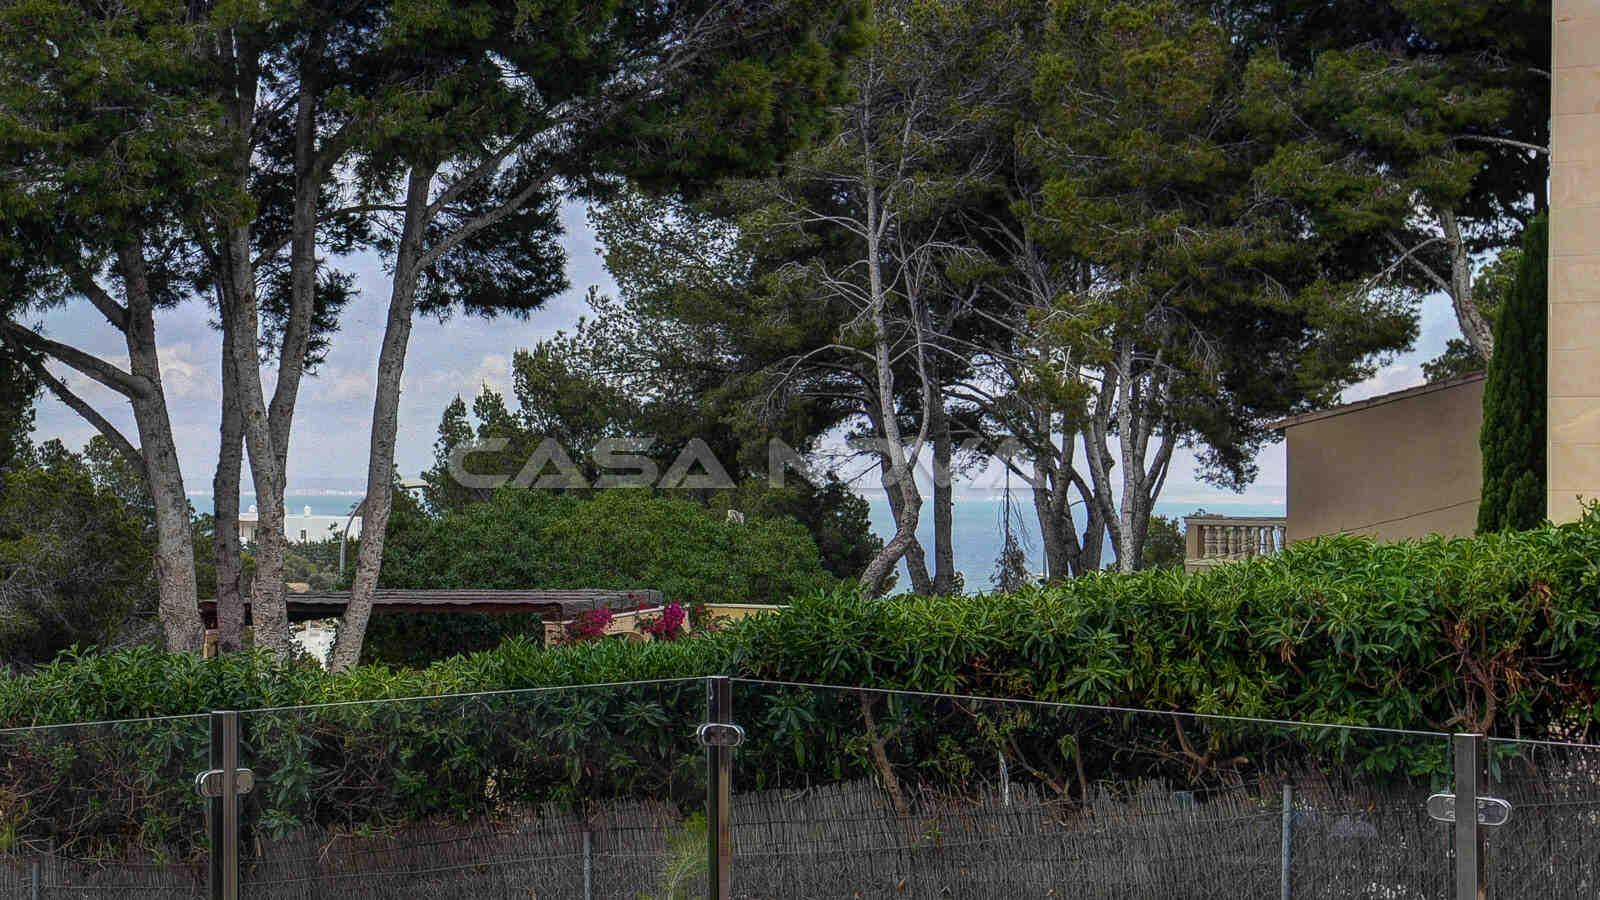 Wundervoller Ausblick von der Immobilie auf die Grünzone und das Meer